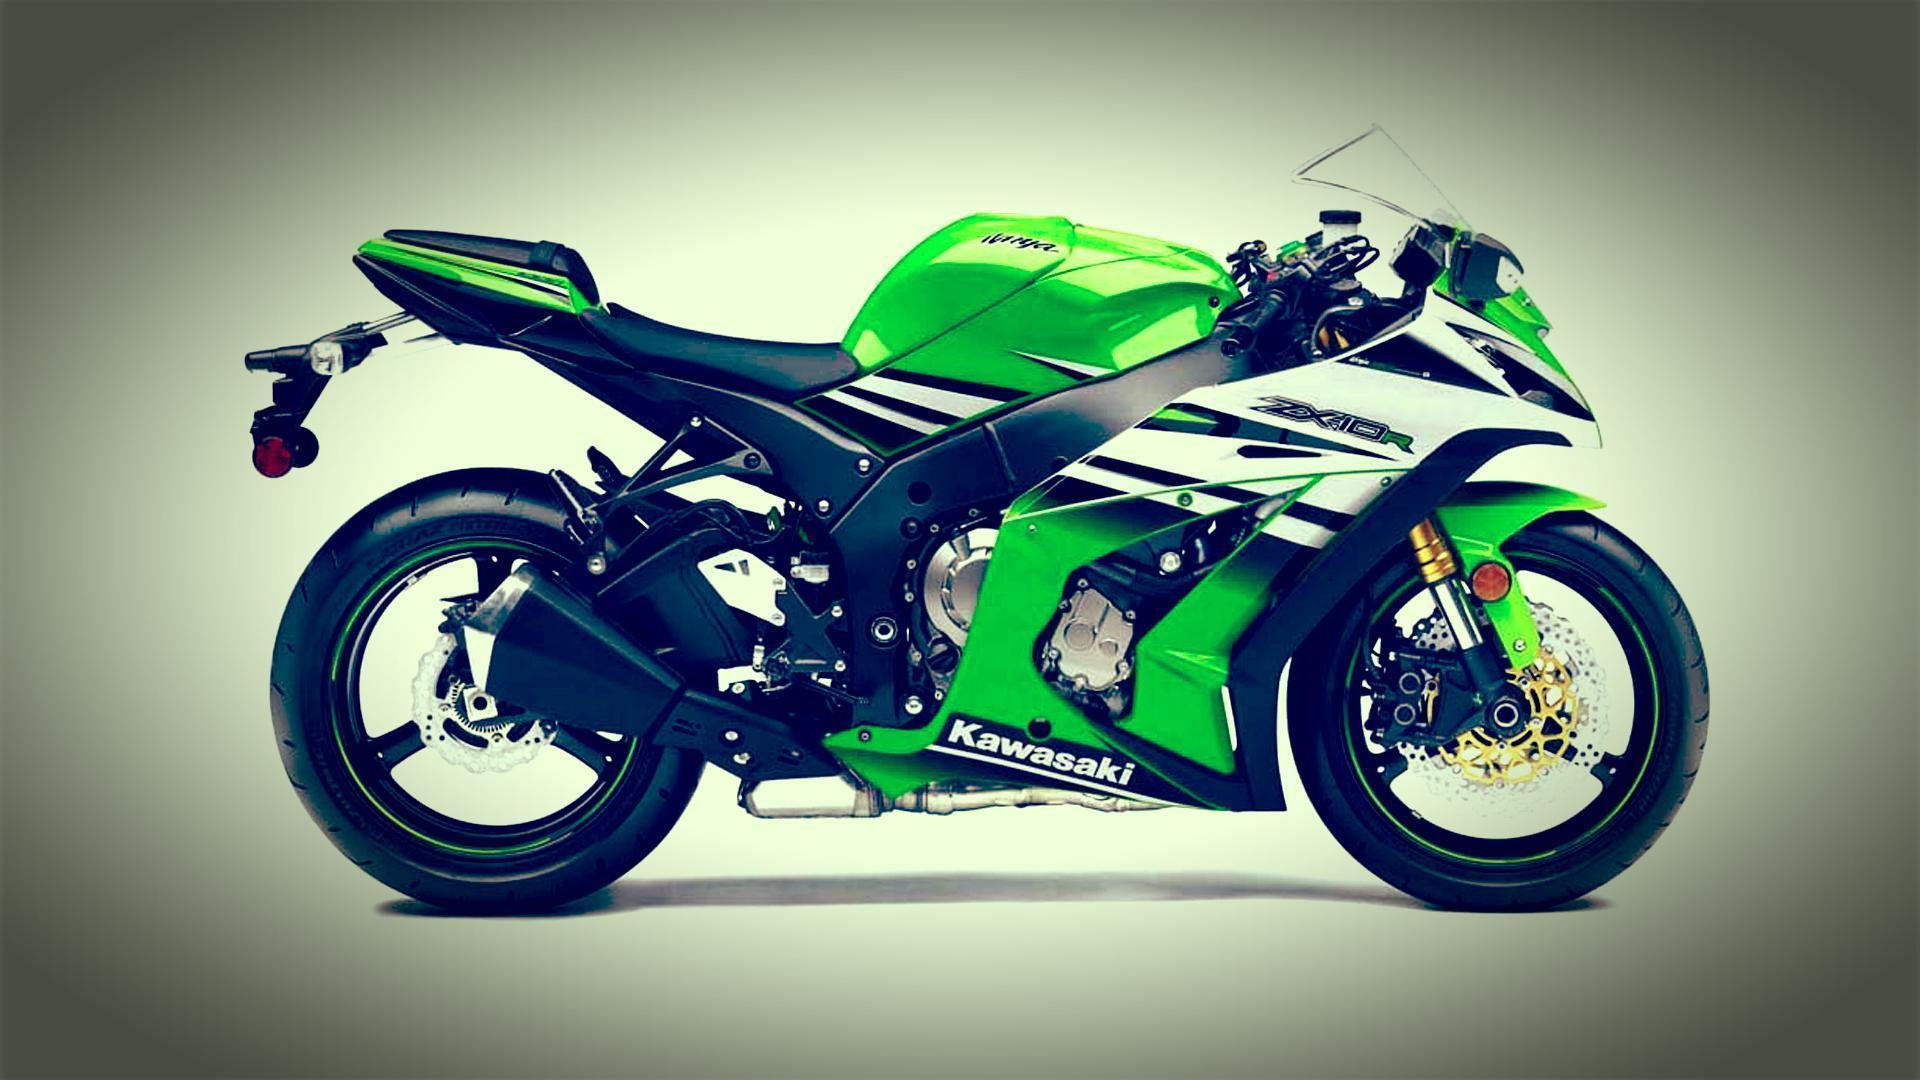 Kawasaki Ninja ZXR First Look Motorcycle USA